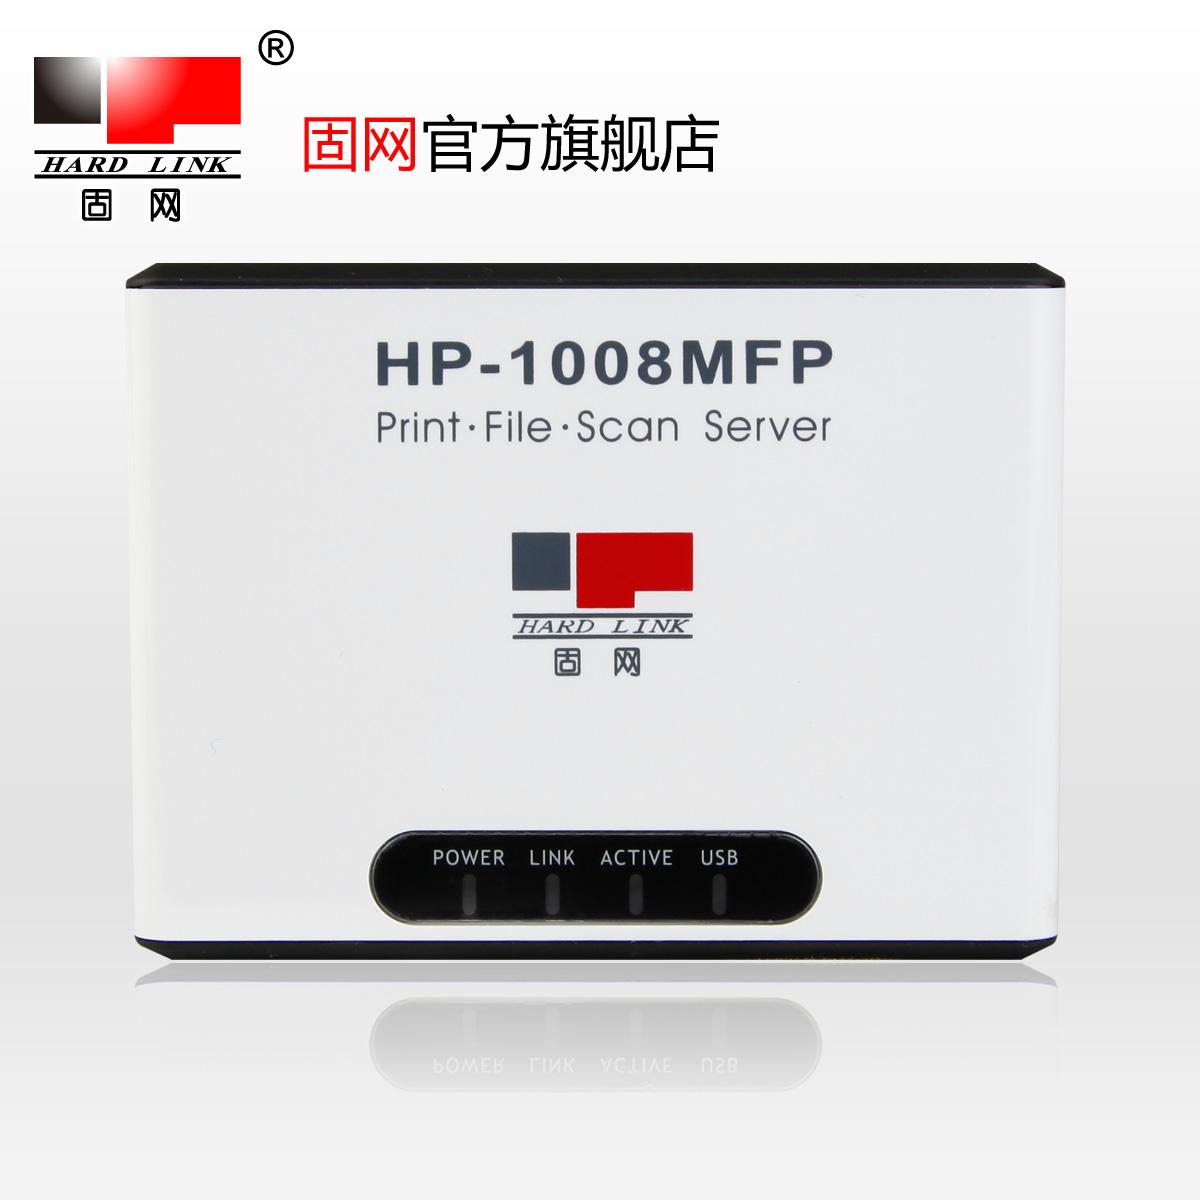 Бесплатная доставка по китаю Твердый делить сервера печати сети сети HP1008usb универсальный официальный оригинал